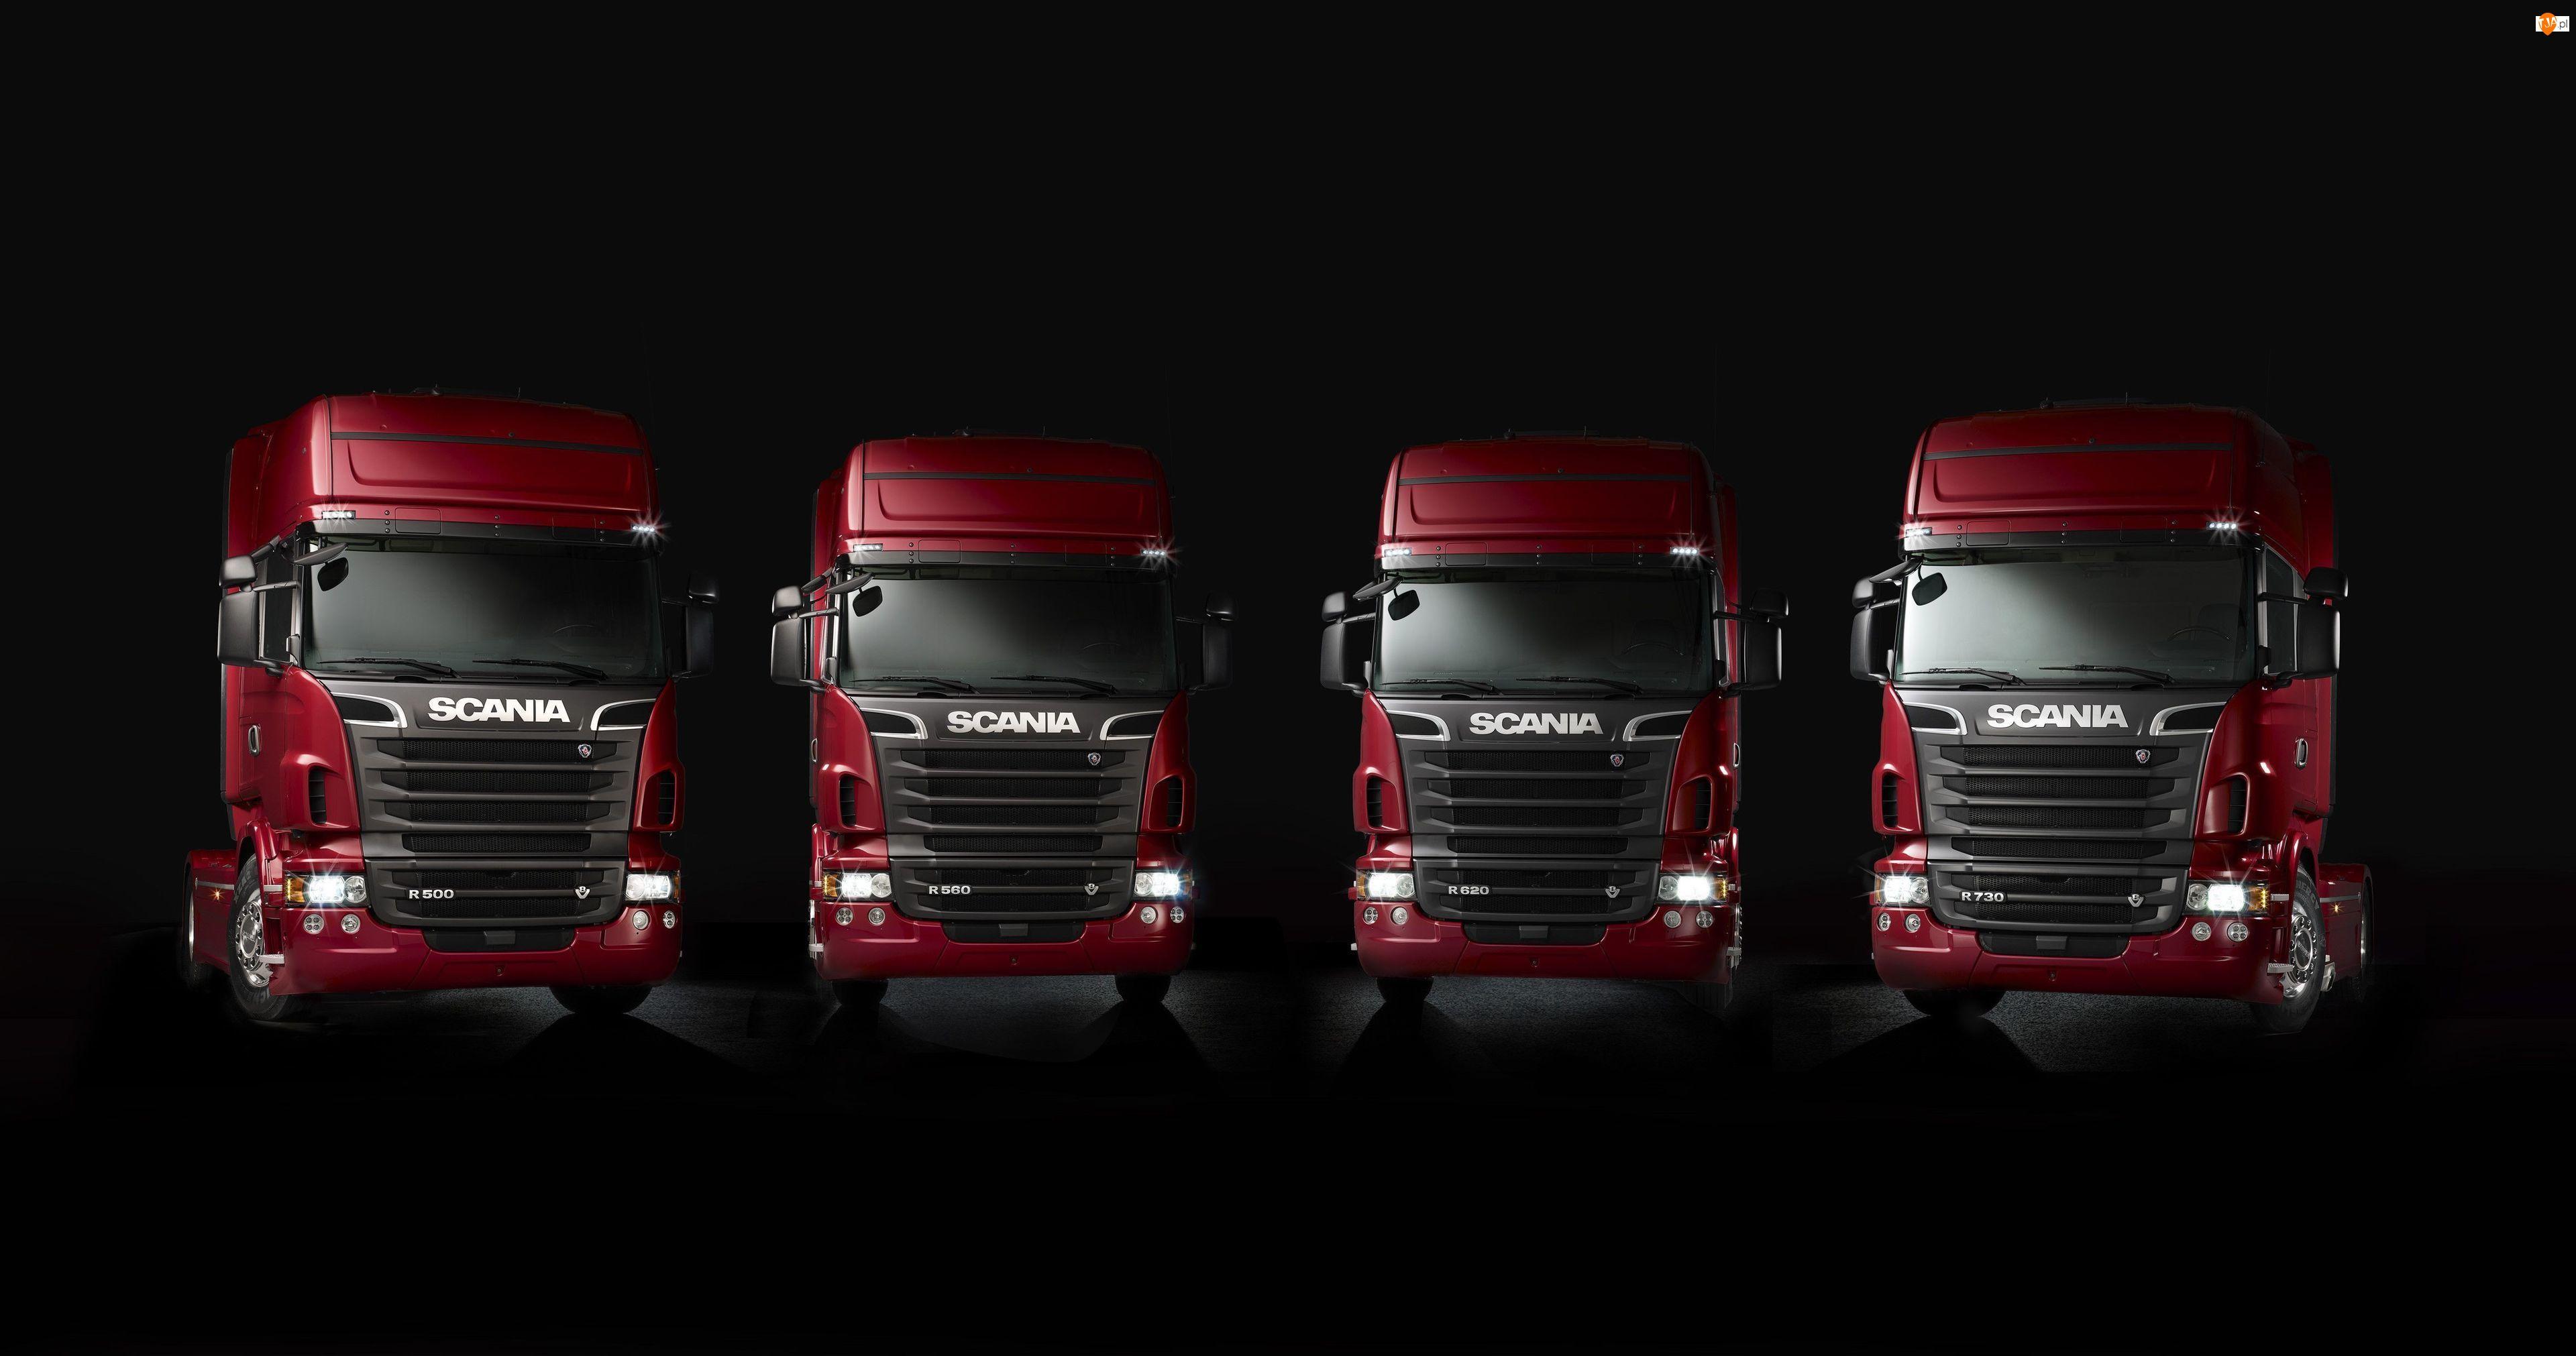 Scania V8 R500, Scania V8 R620, Cztery, Scania V8 R730, Ciężarówki, Scania V8 R560